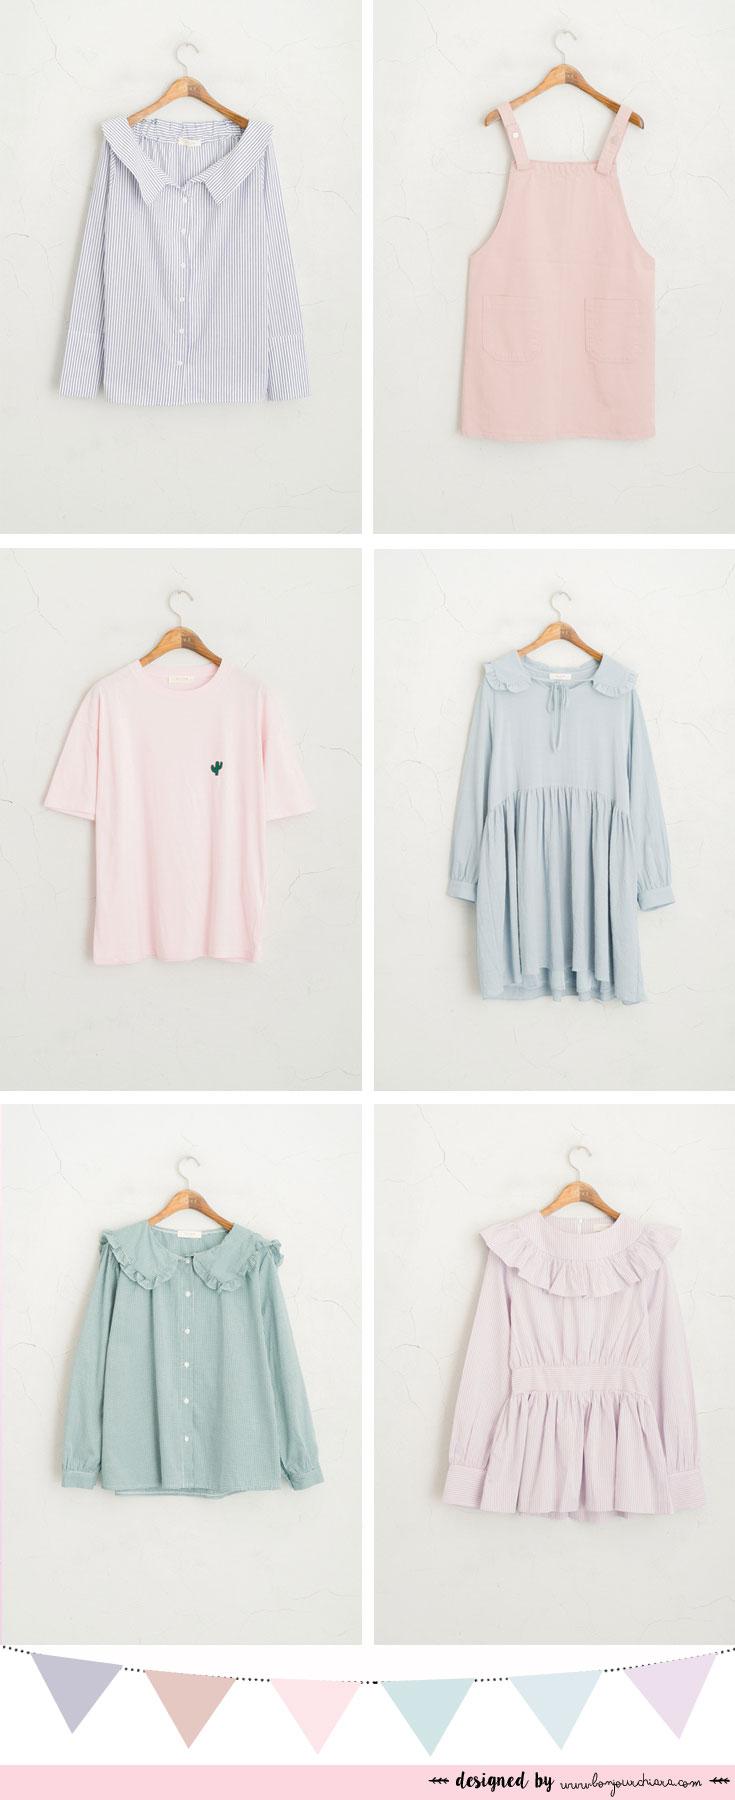 Olive Clothing SS16 - www.bonjourchiara.com